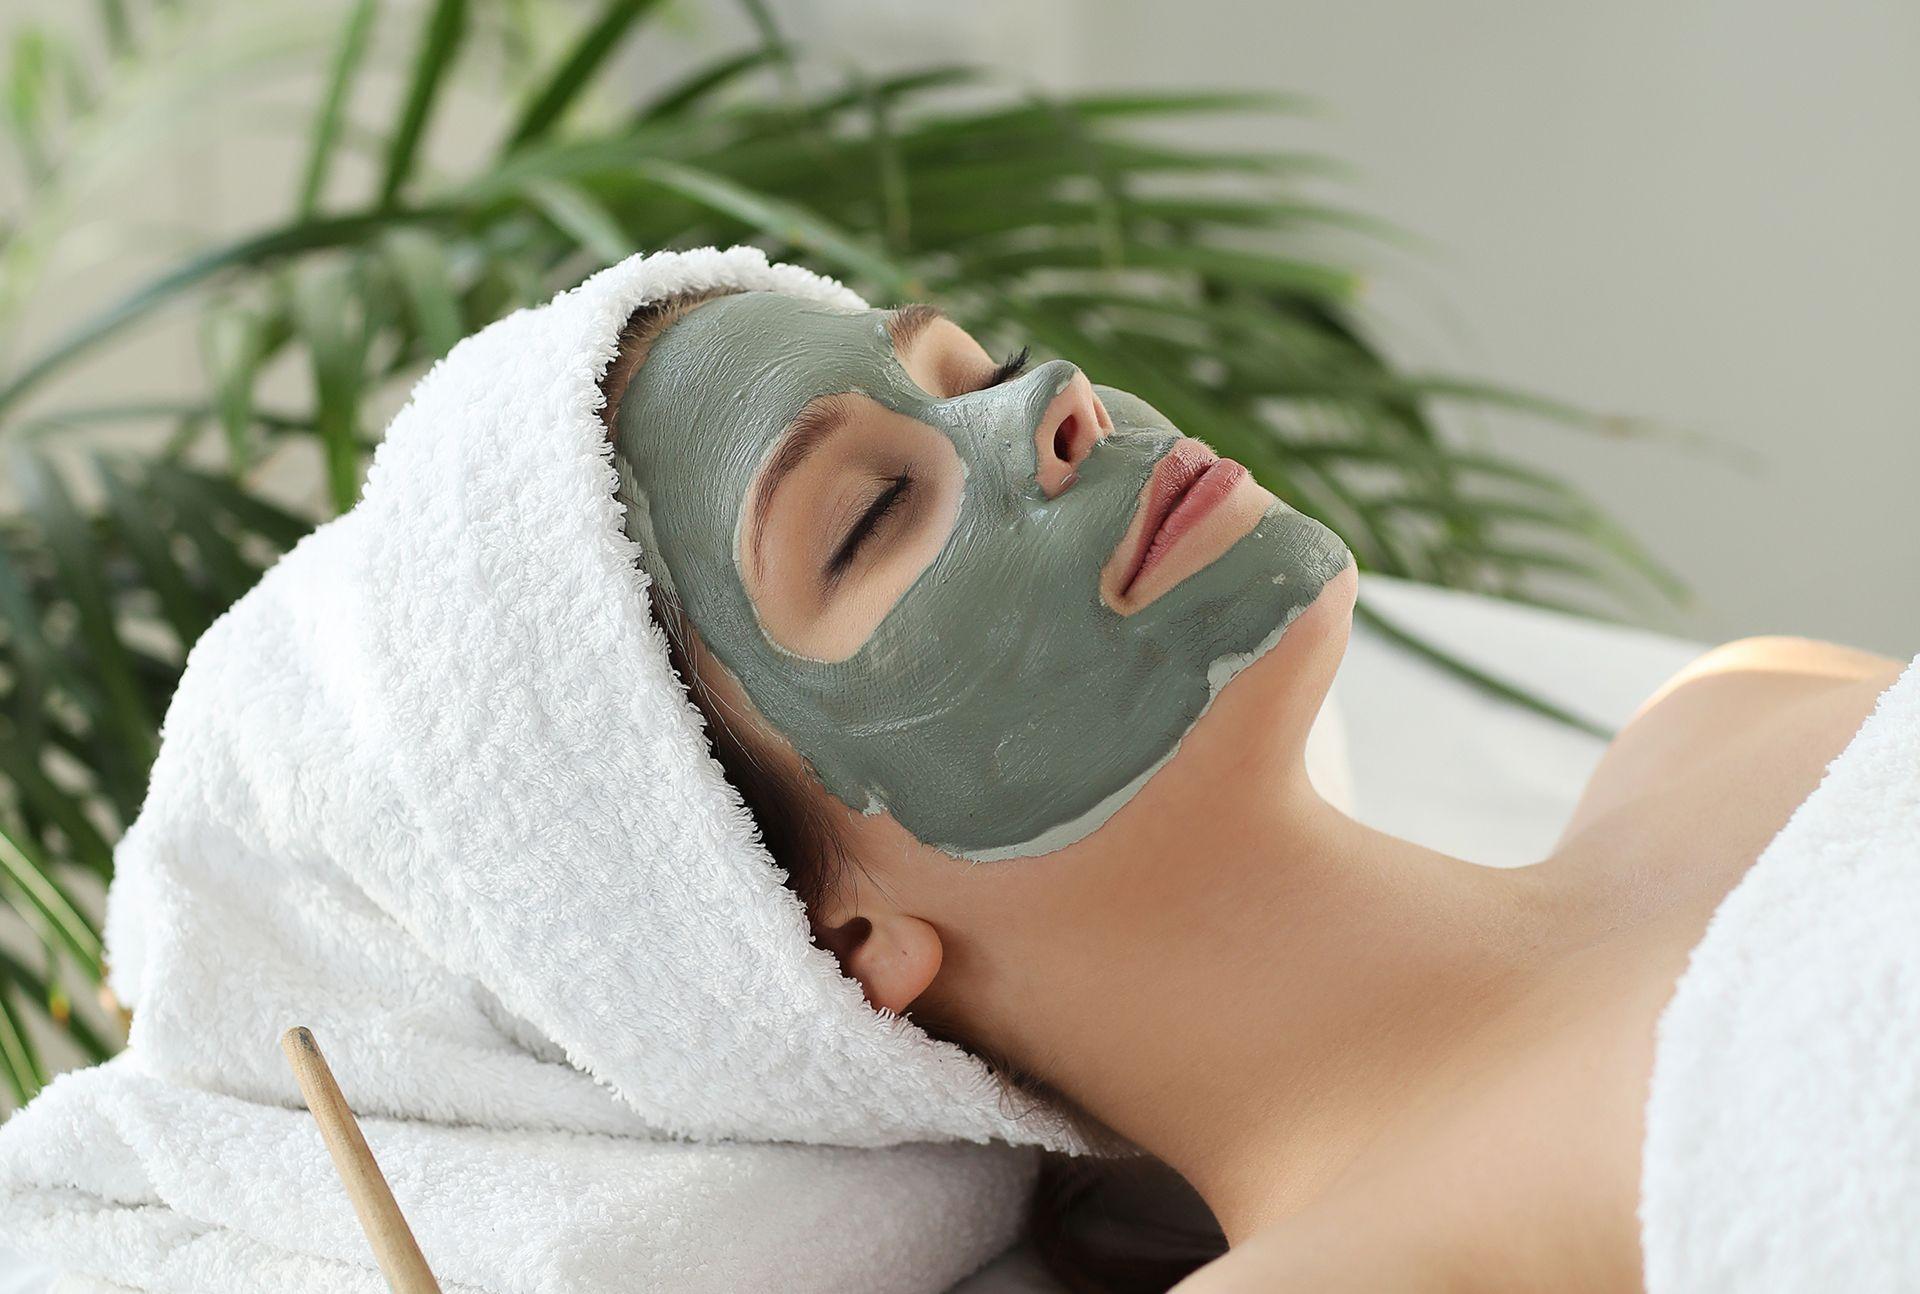 Tipos de tratamientos de belleza facial ideales para regalar